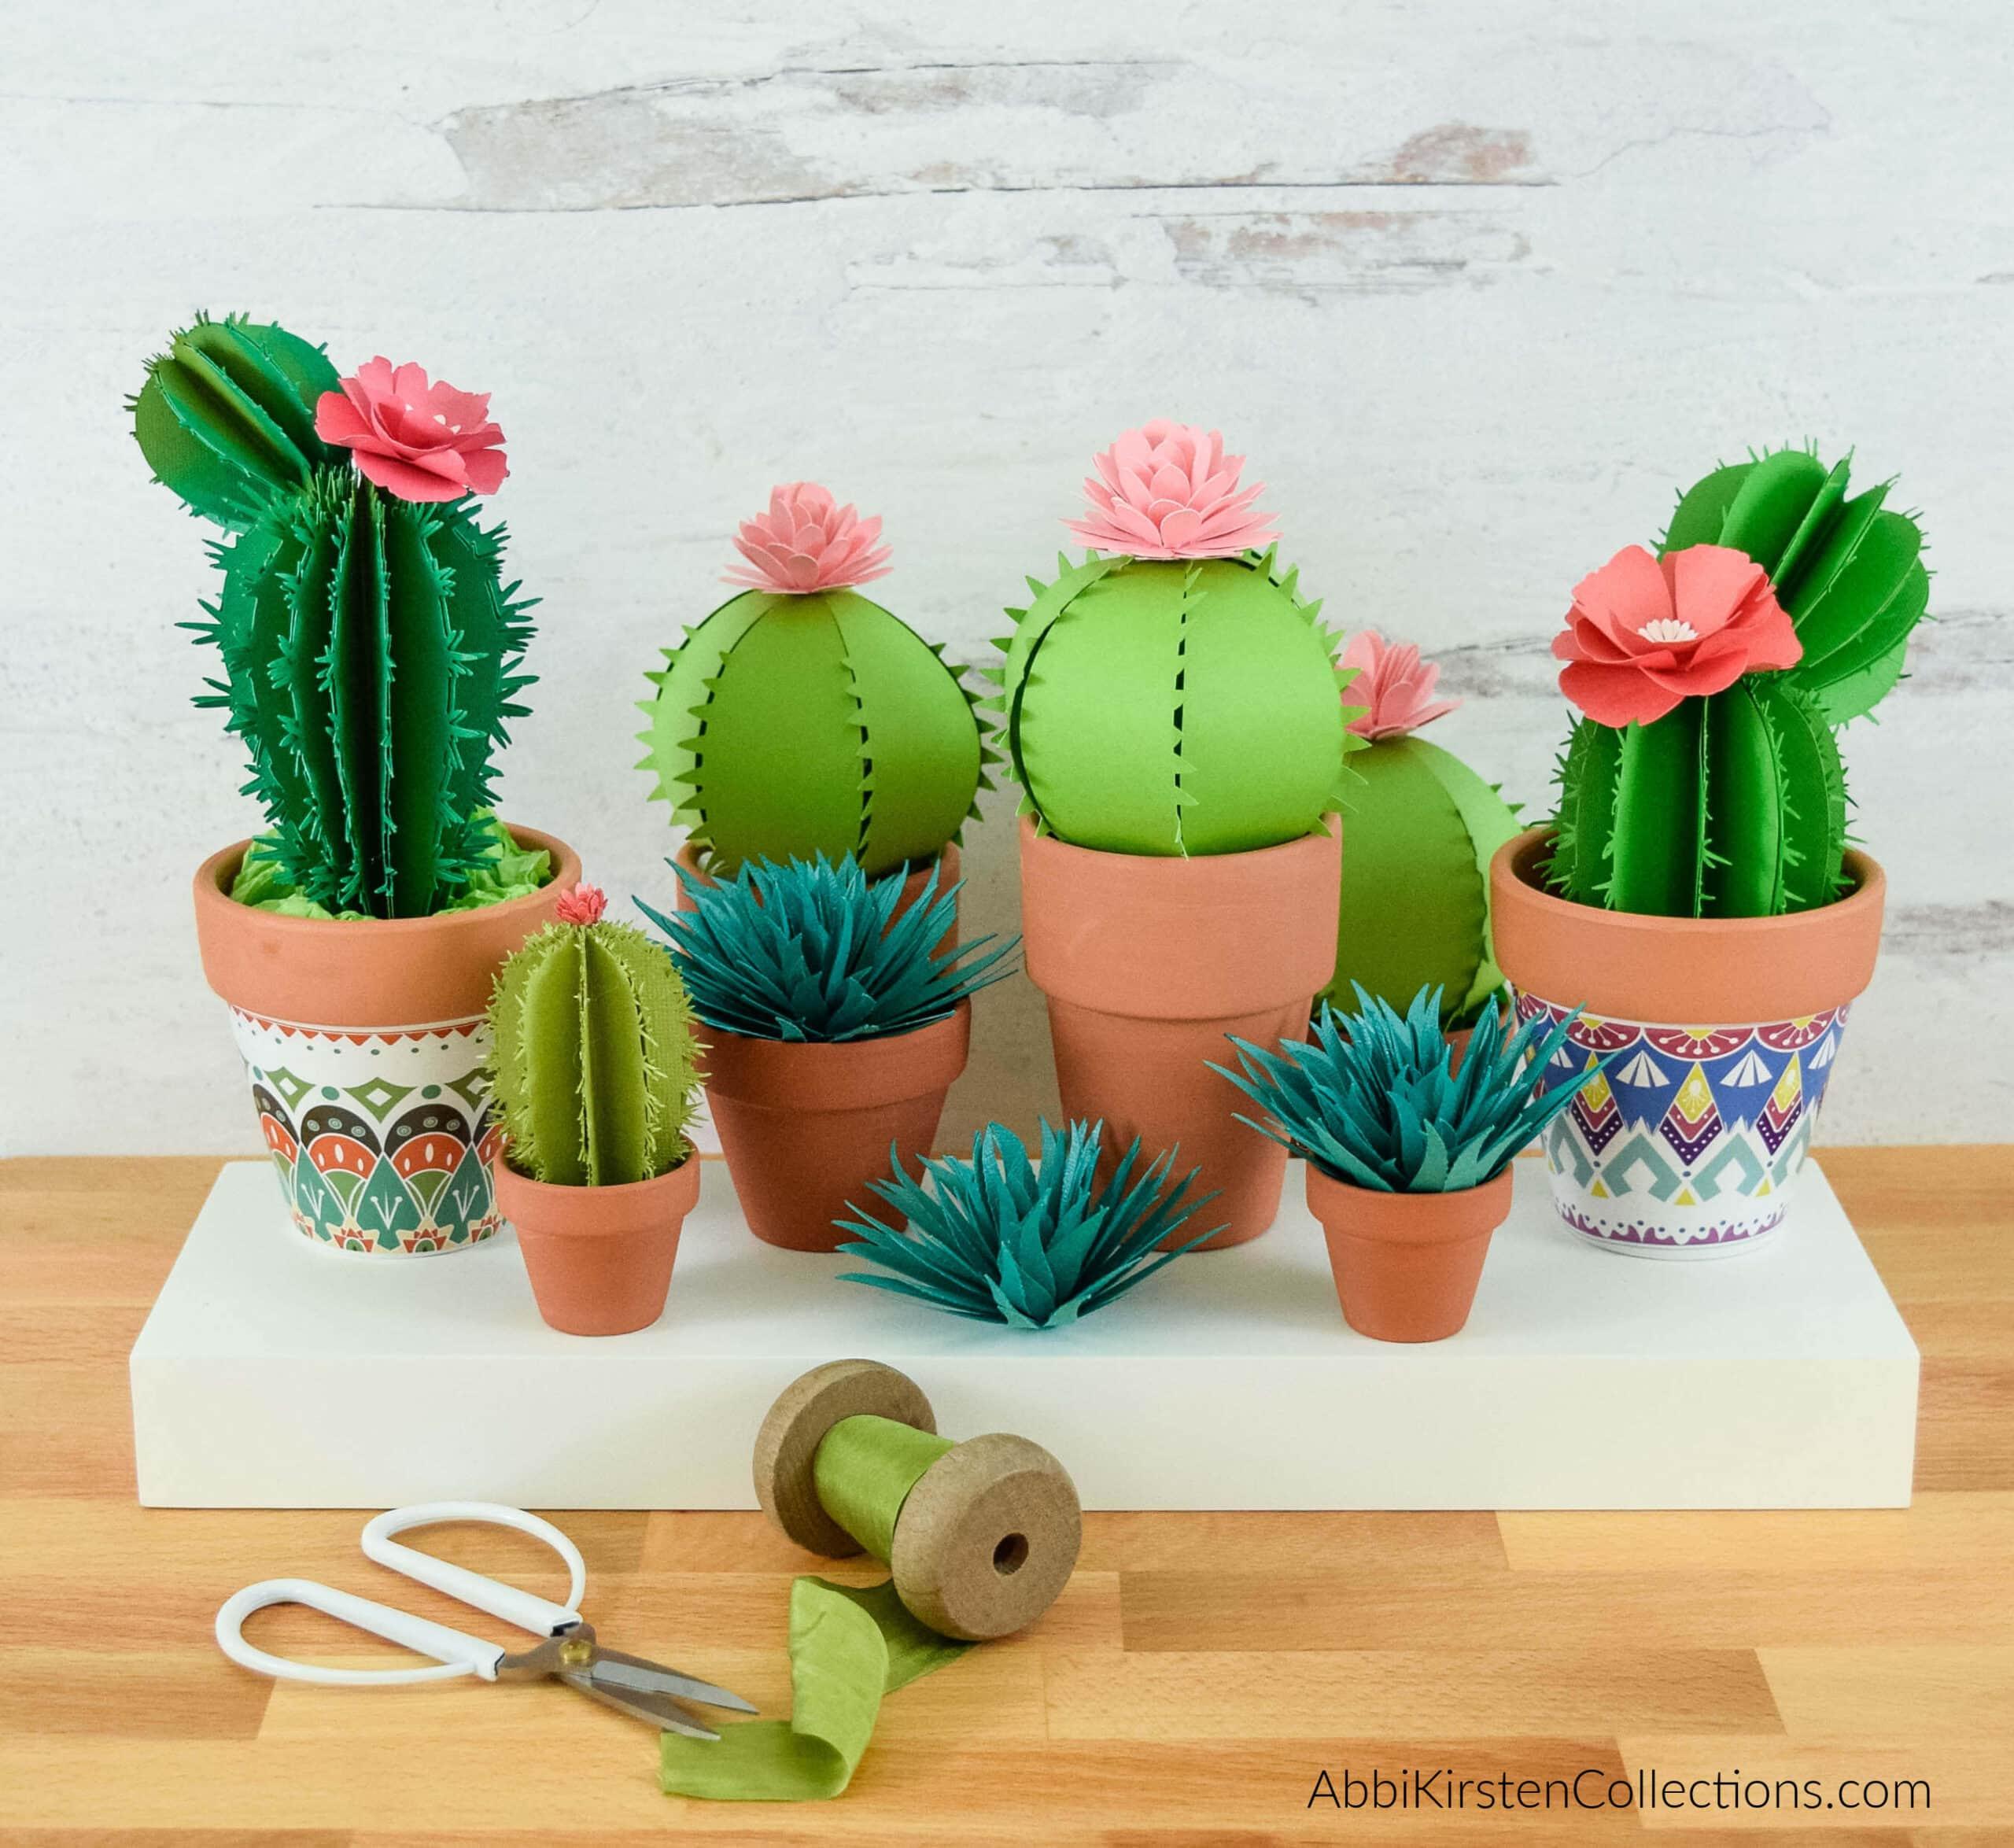 Paper Cactus Tutorial and Templates – 3D Paper Cactus Craft